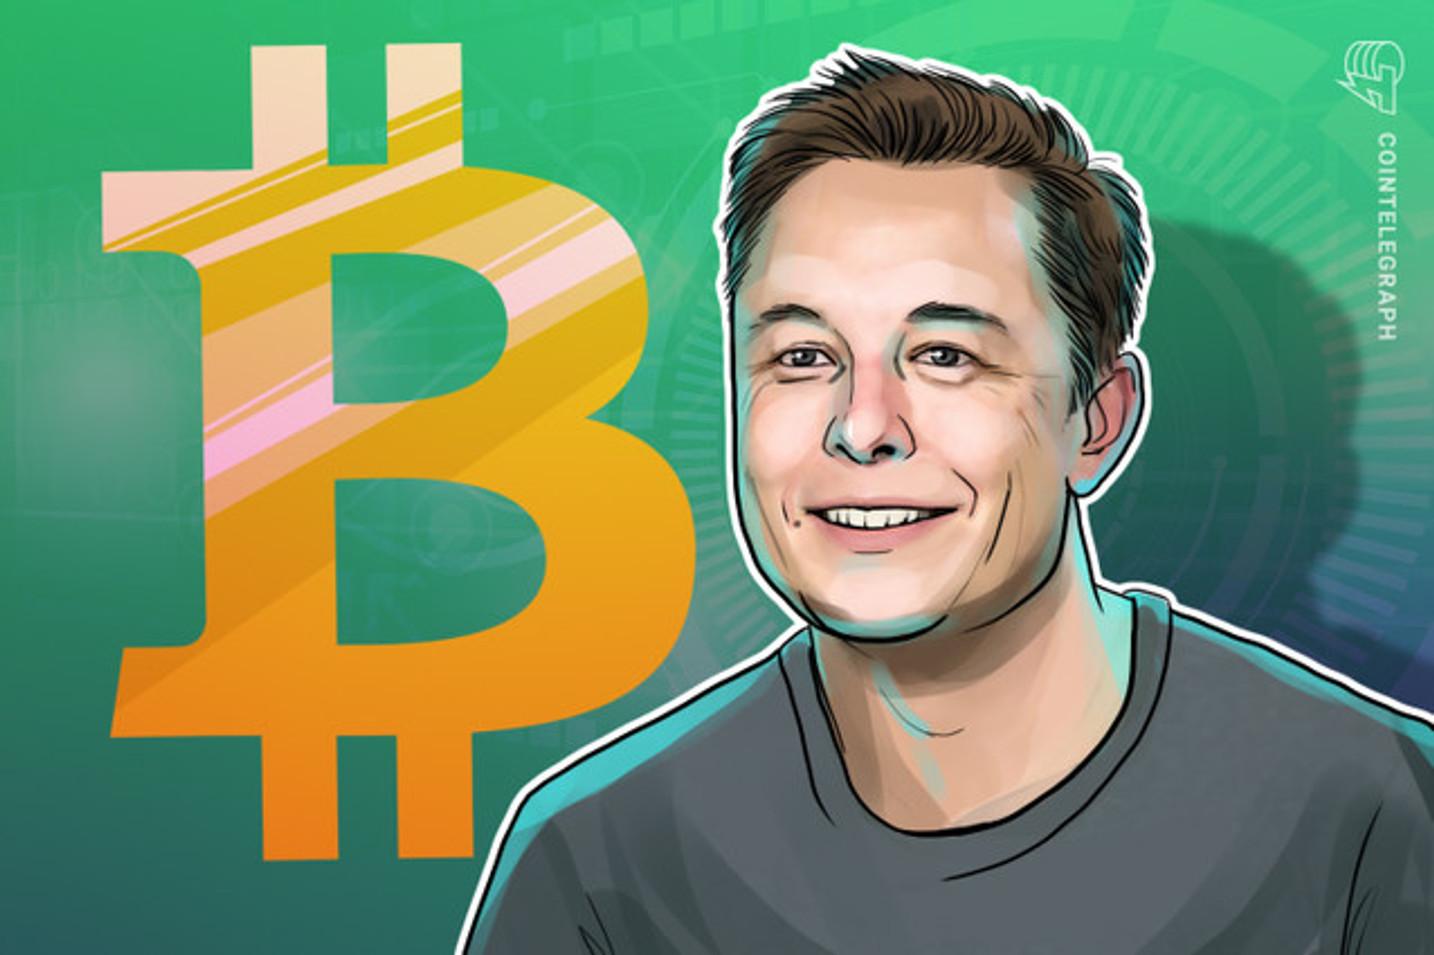 La estrategia de Tesla demuestra que es más rentable invertir en Bitcoin que fabricar automóviles